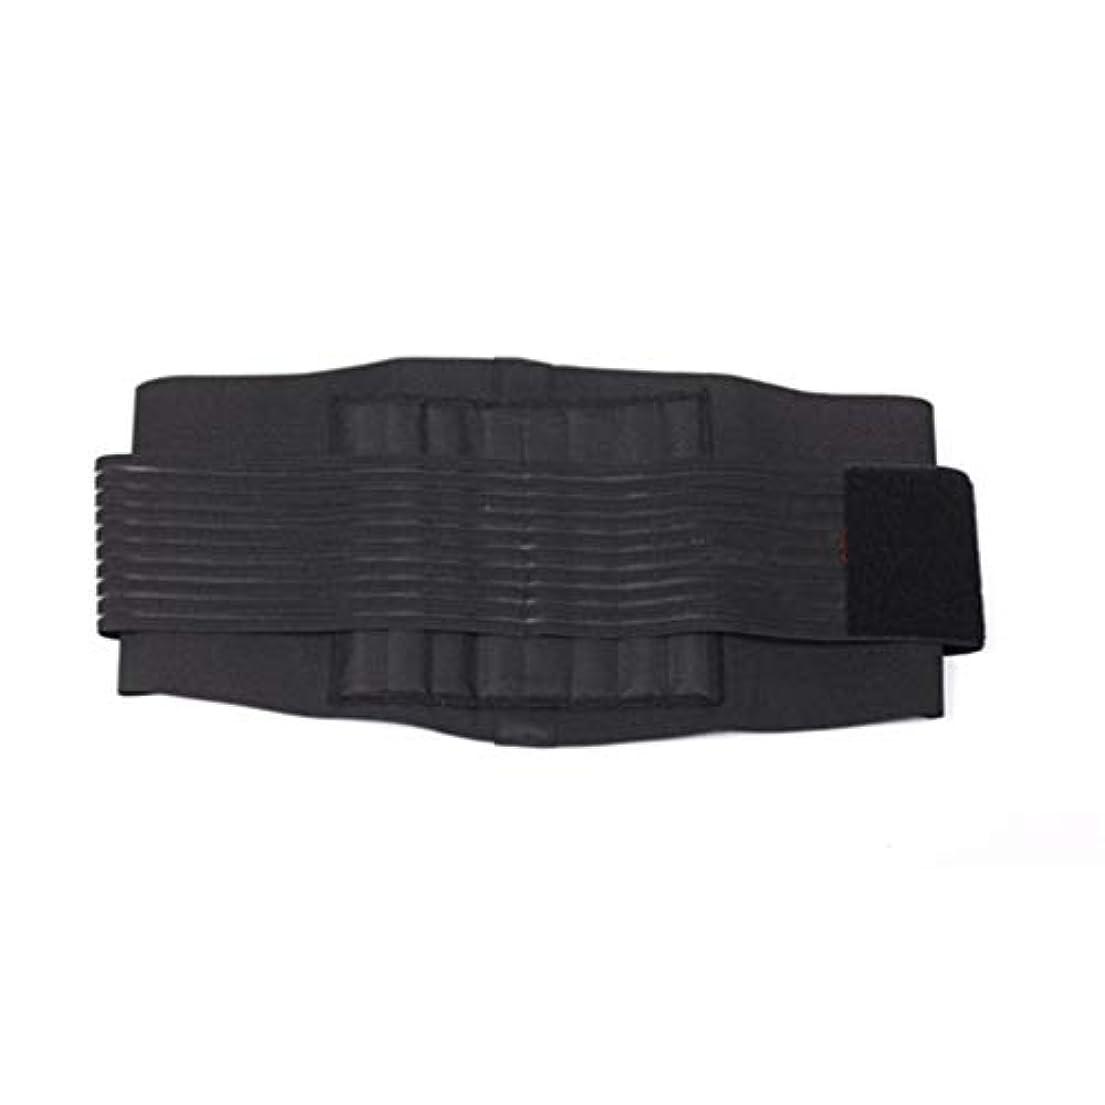 足首面白いクック補正ベルトスチールウエストサポートブレース弾性腹部保護-Rustle666